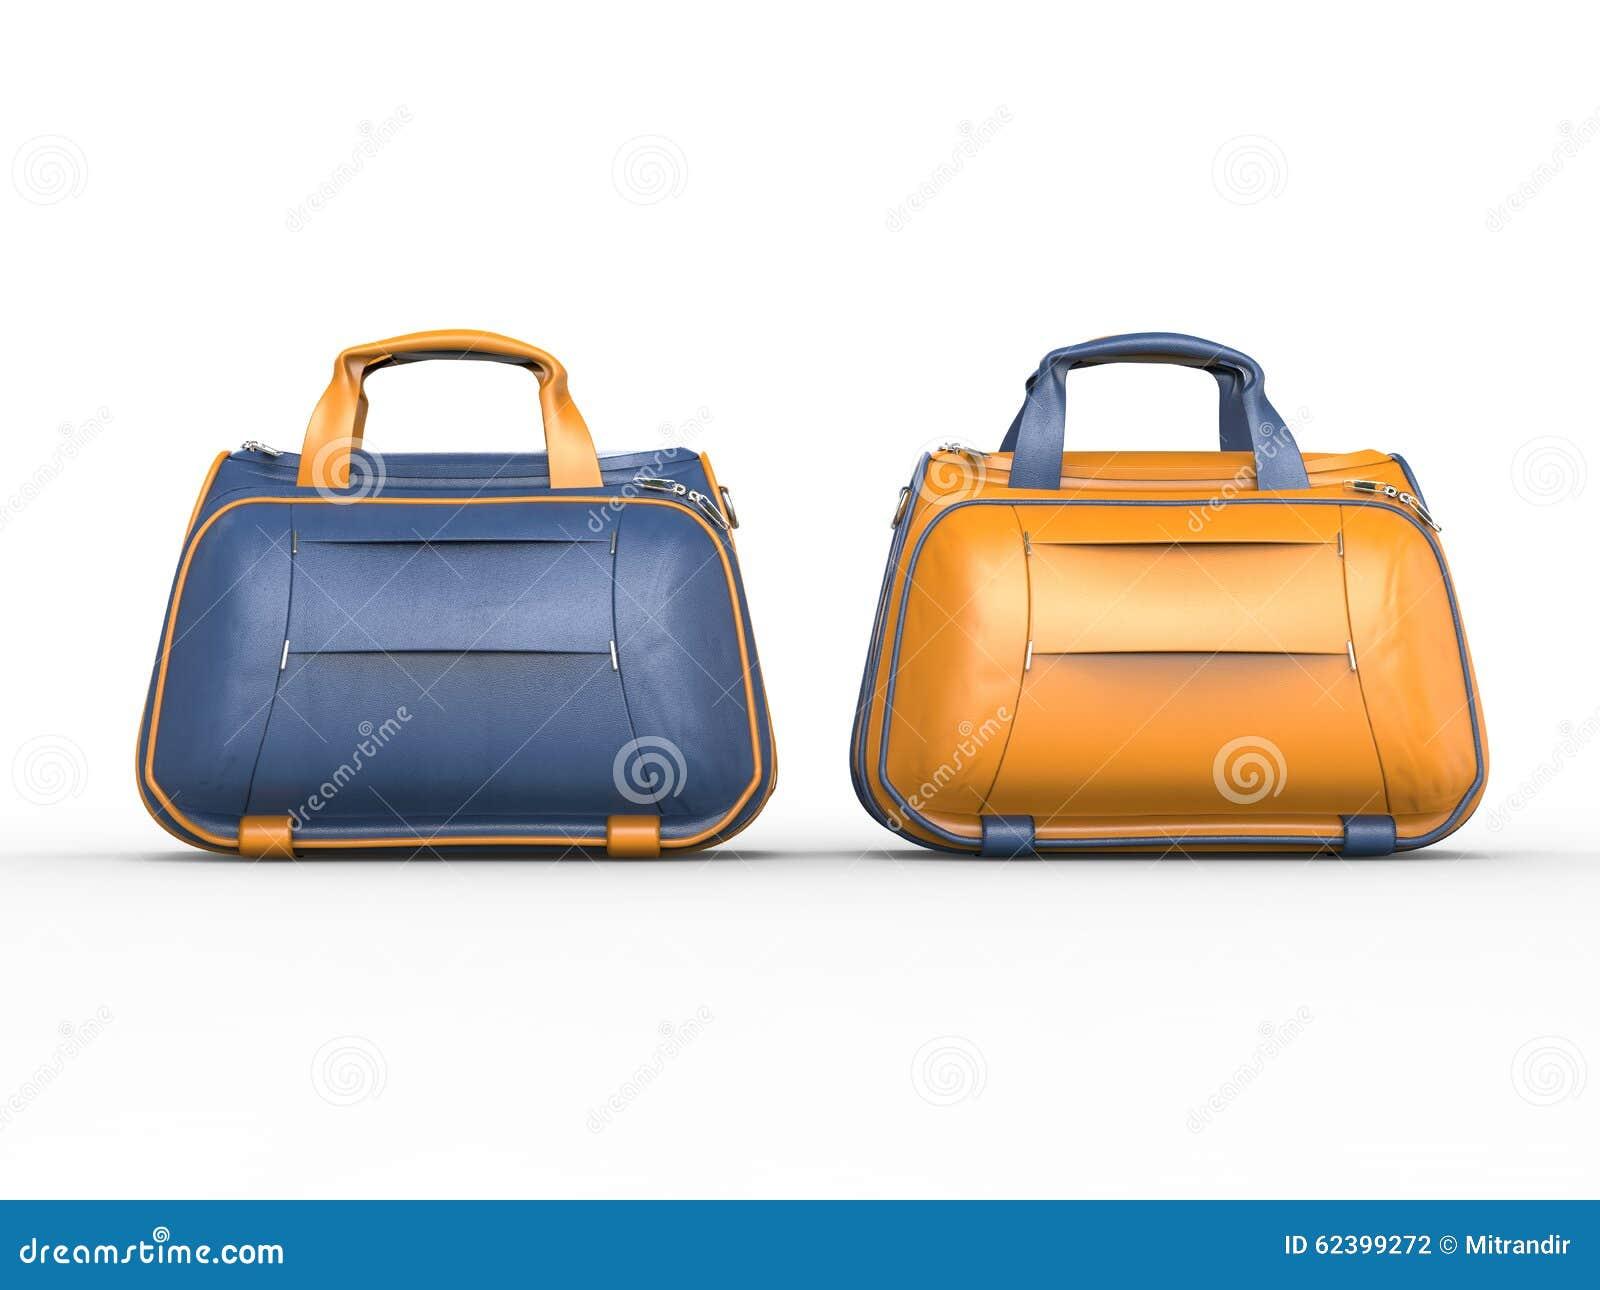 Sacs à main bleus et jaunes modernes